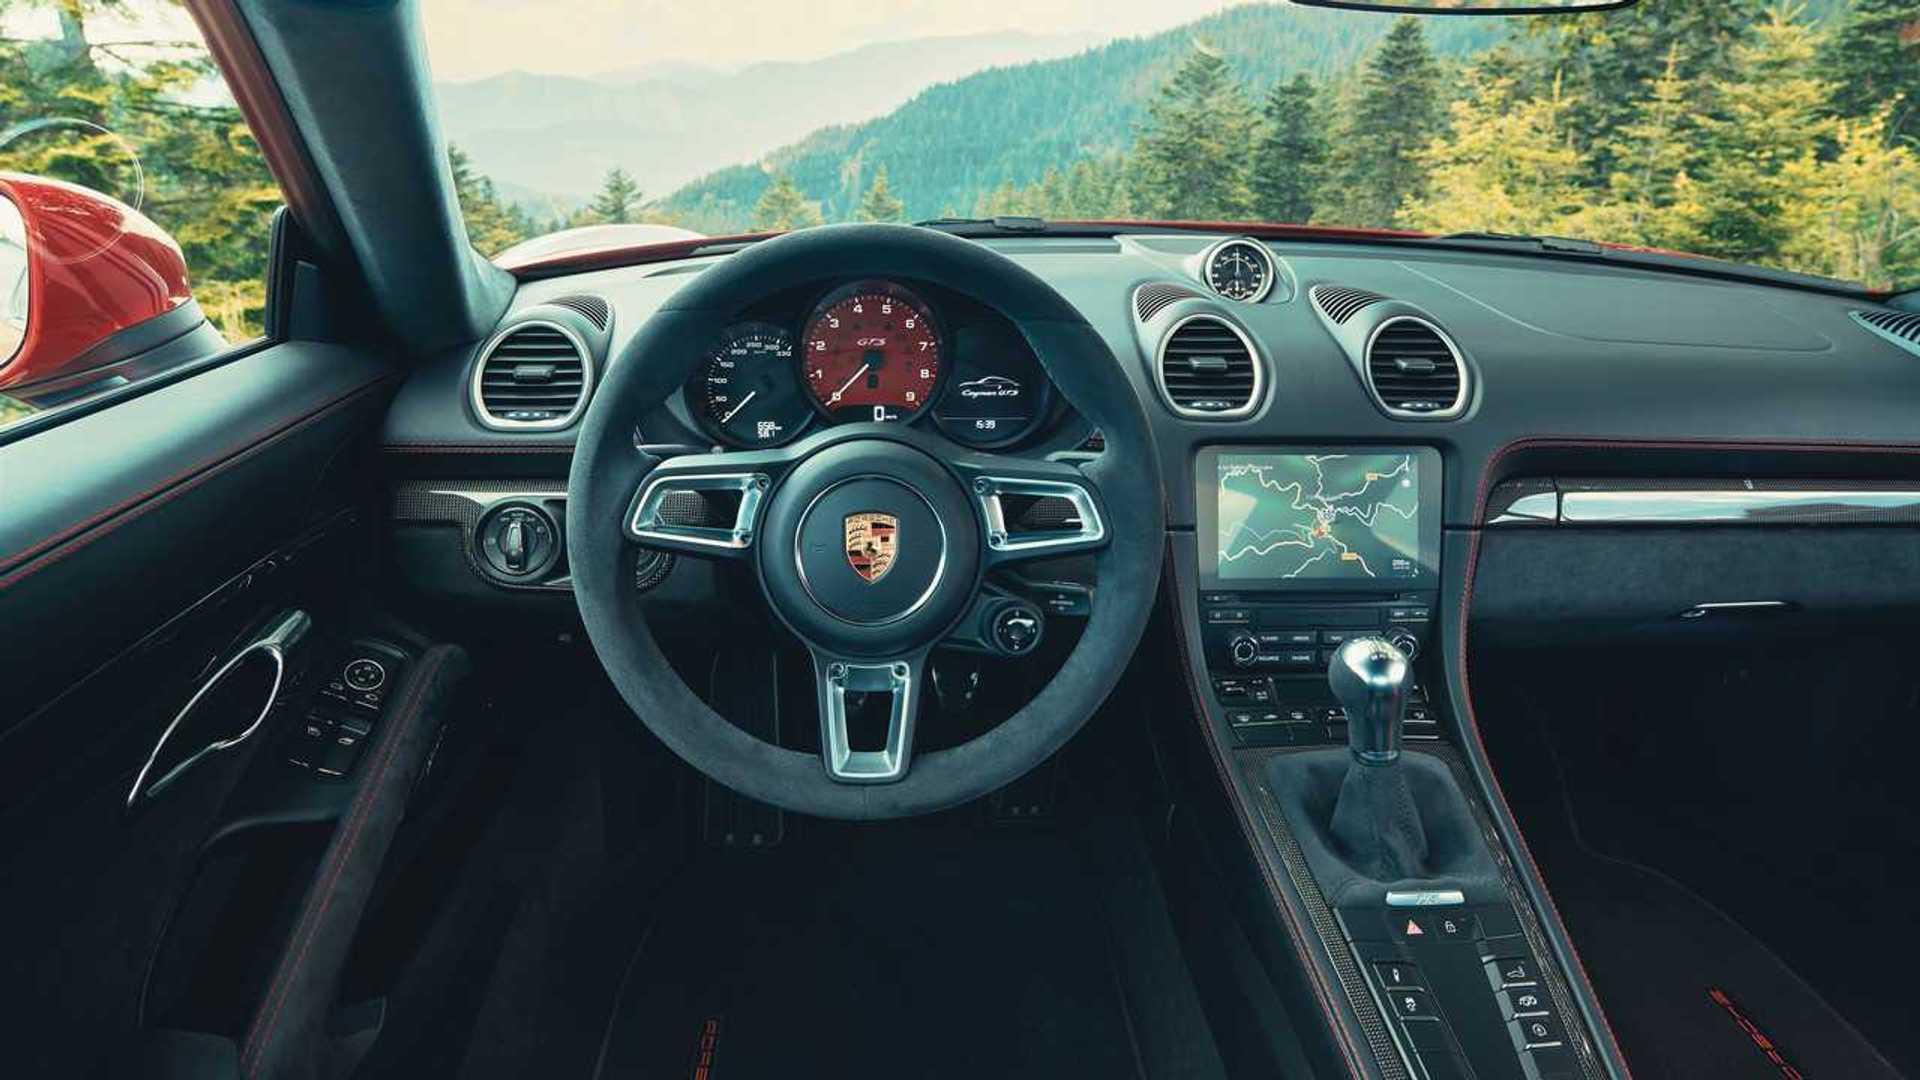 Porsche 718 Boxster E Cayman Gts 4 0 Resgatam Prazer Com Cambio Manual